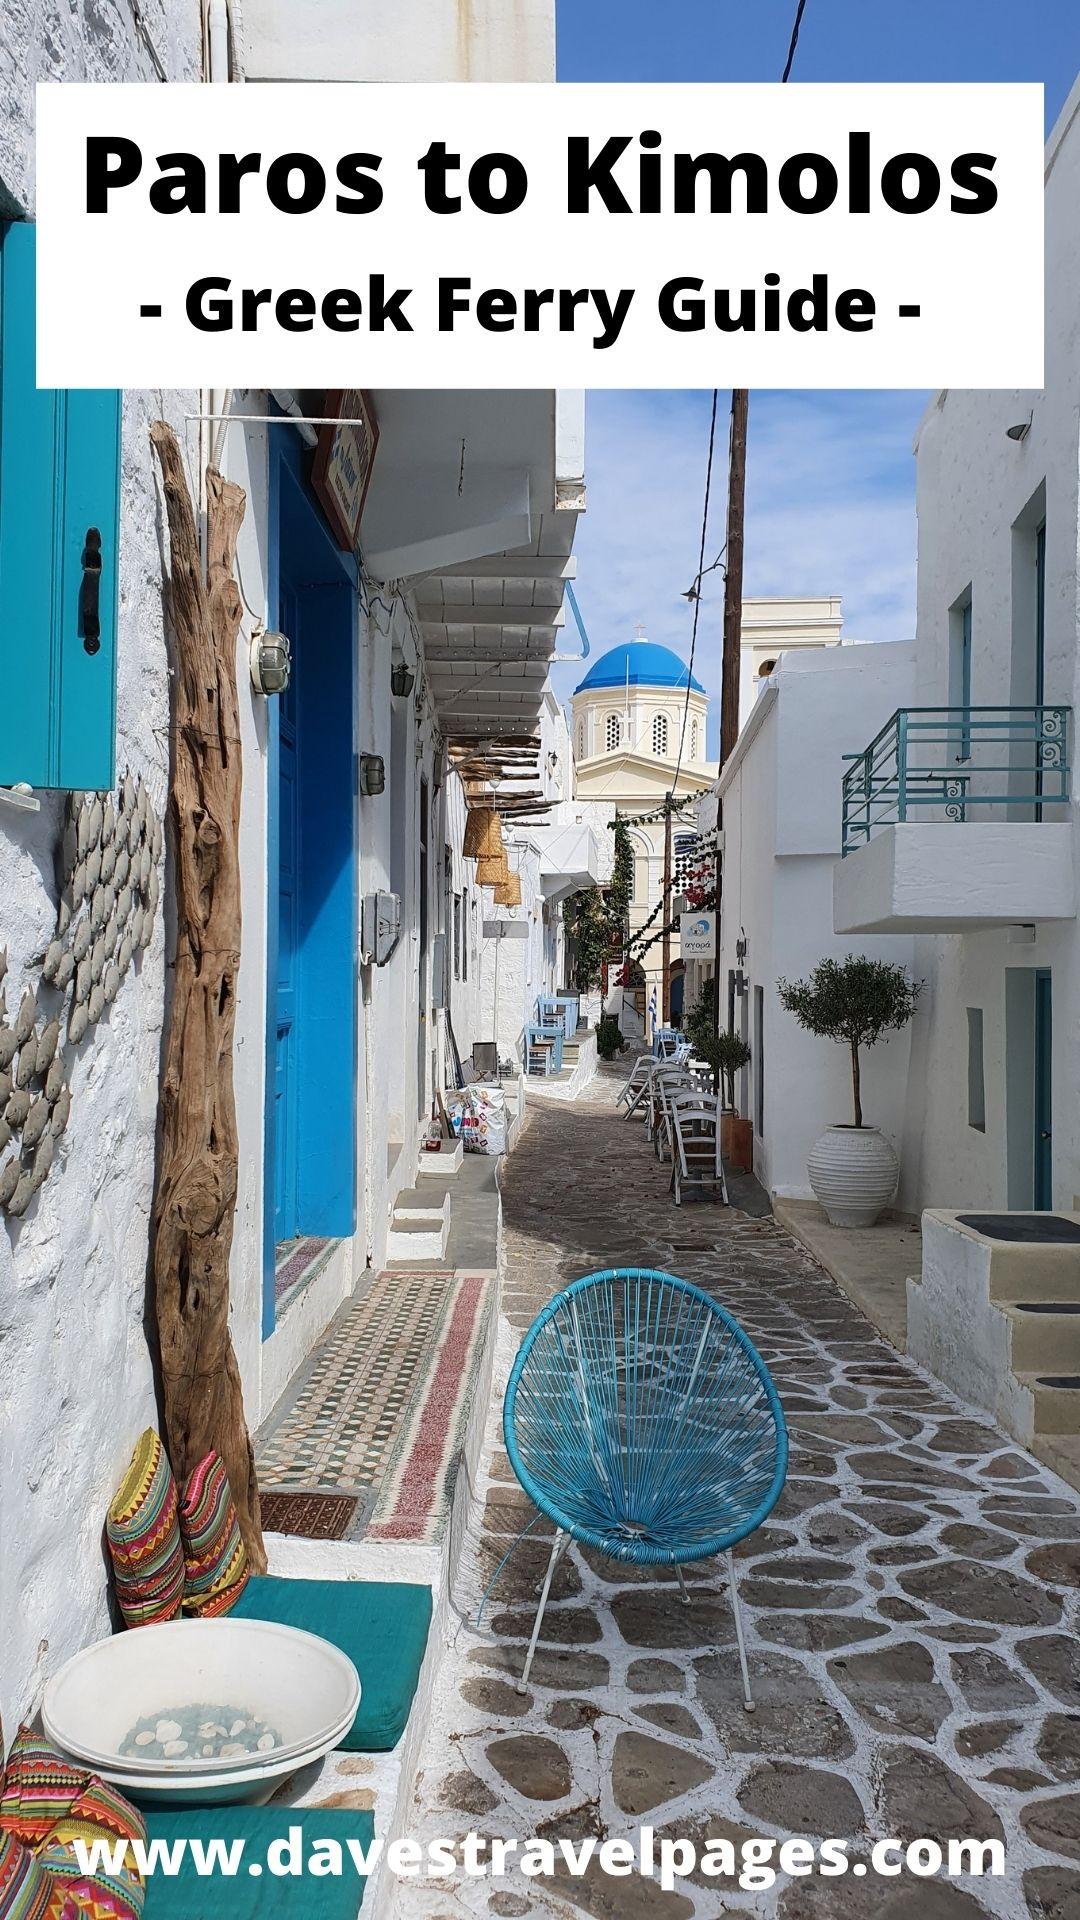 Paros to Kimolos by Ferry